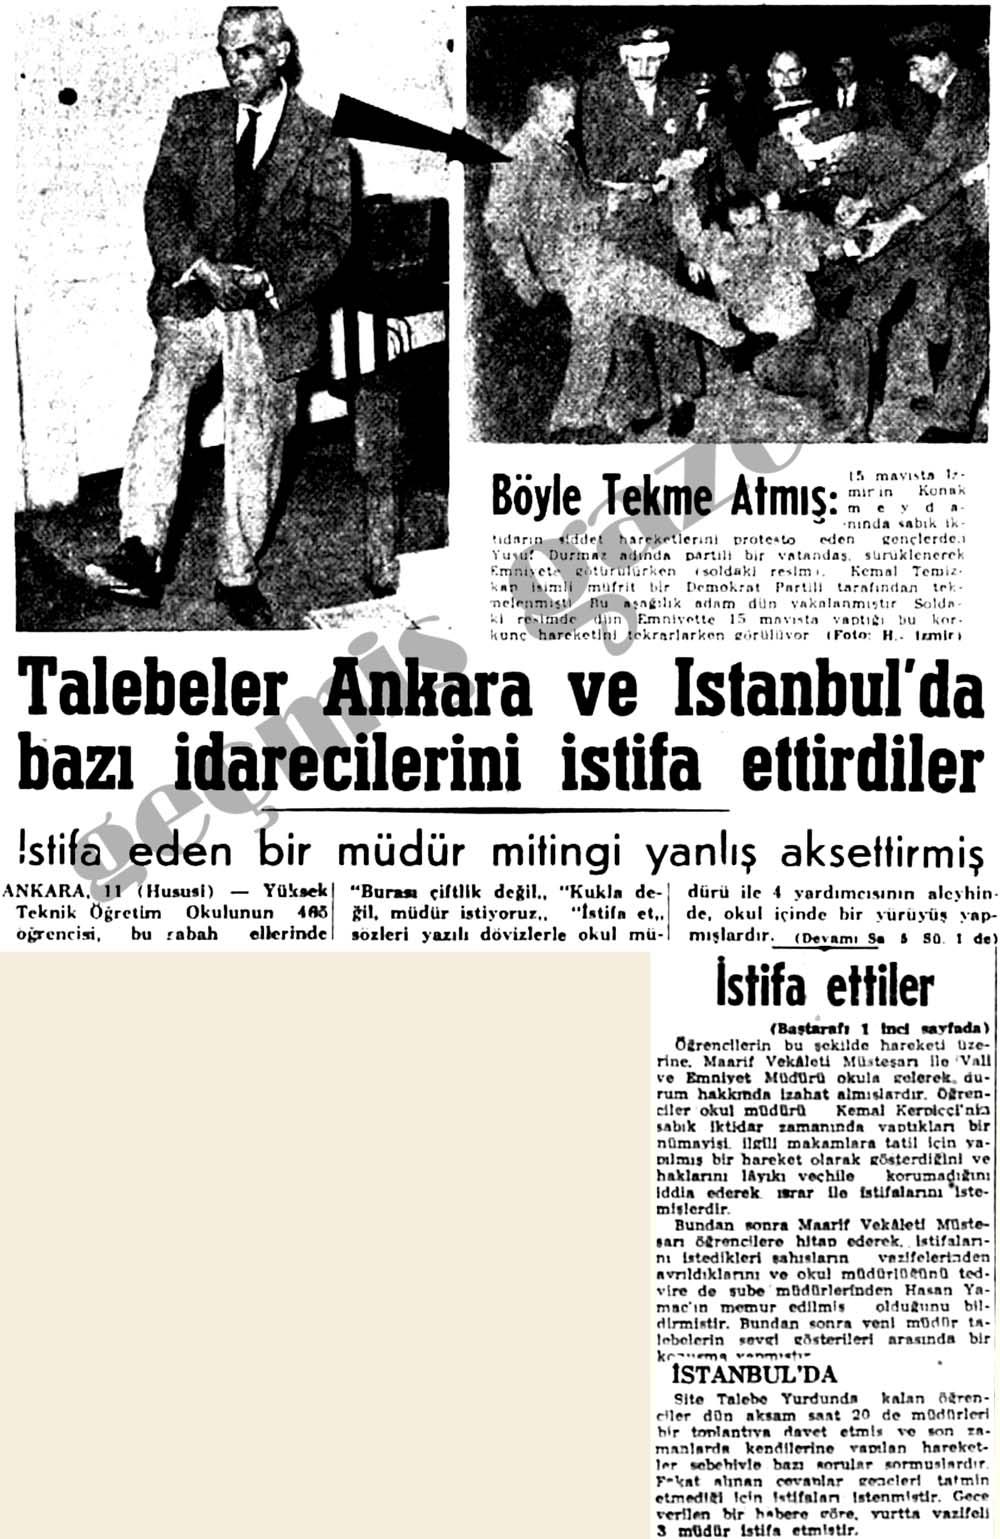 Talebeler Ankara ve İstanbul'da bazı idarecilerini istifa ettirdiler